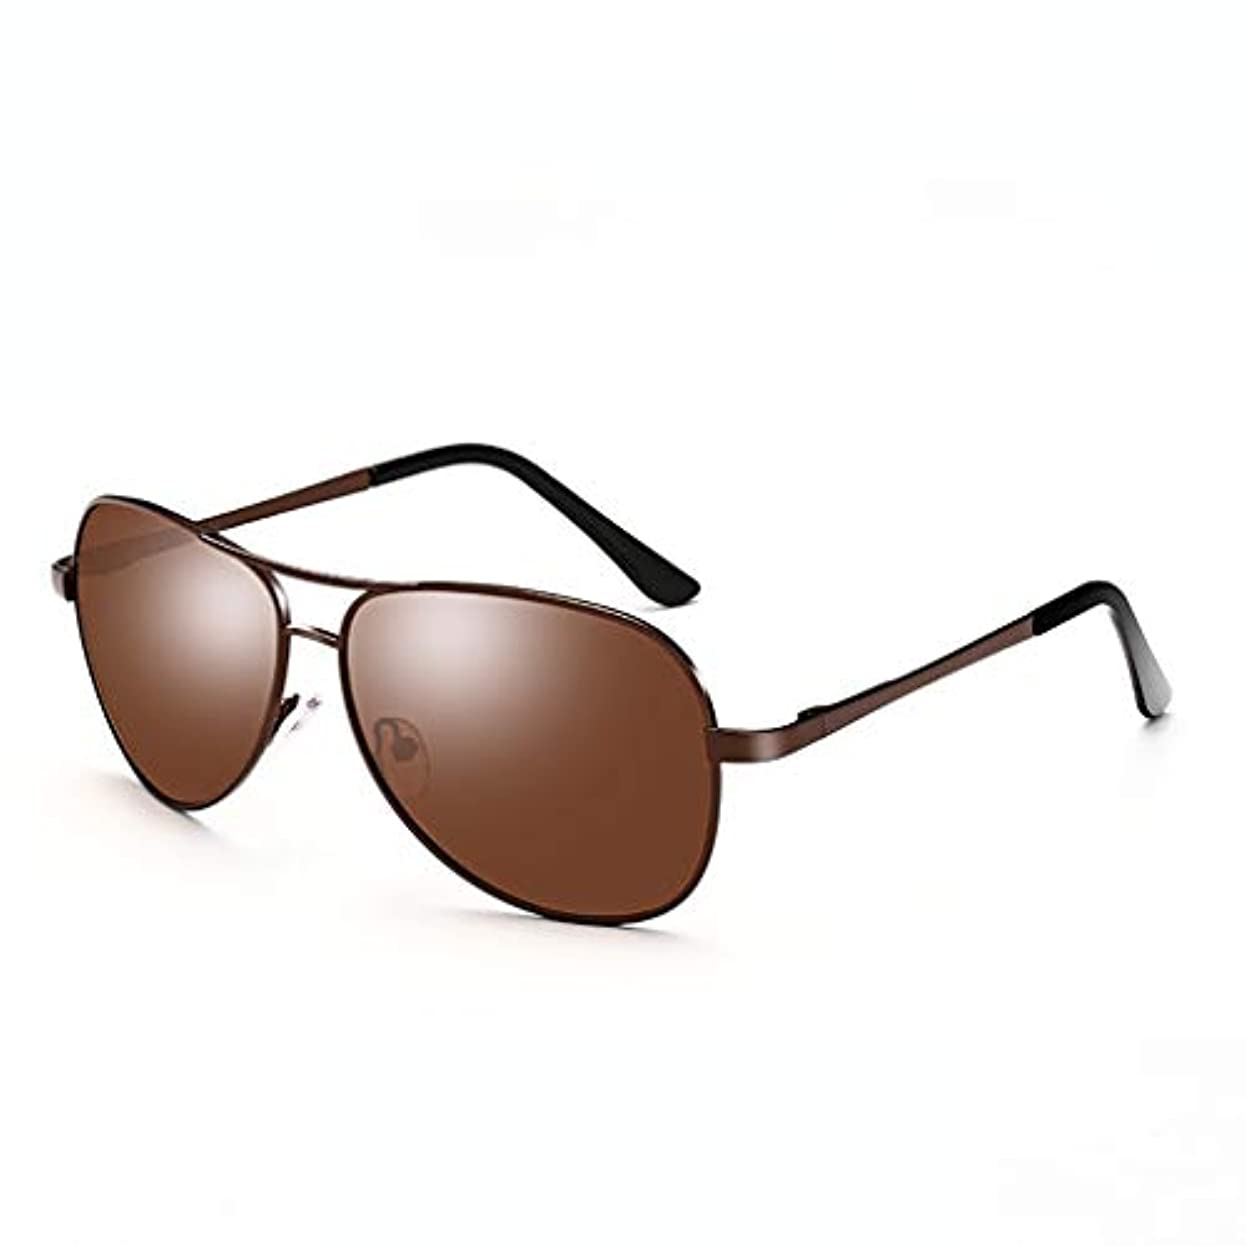 場合緊張しばしばヴィンテージ偏光サングラス女性用、UV400保護レンズ、アセテートフレーム - ブラウン